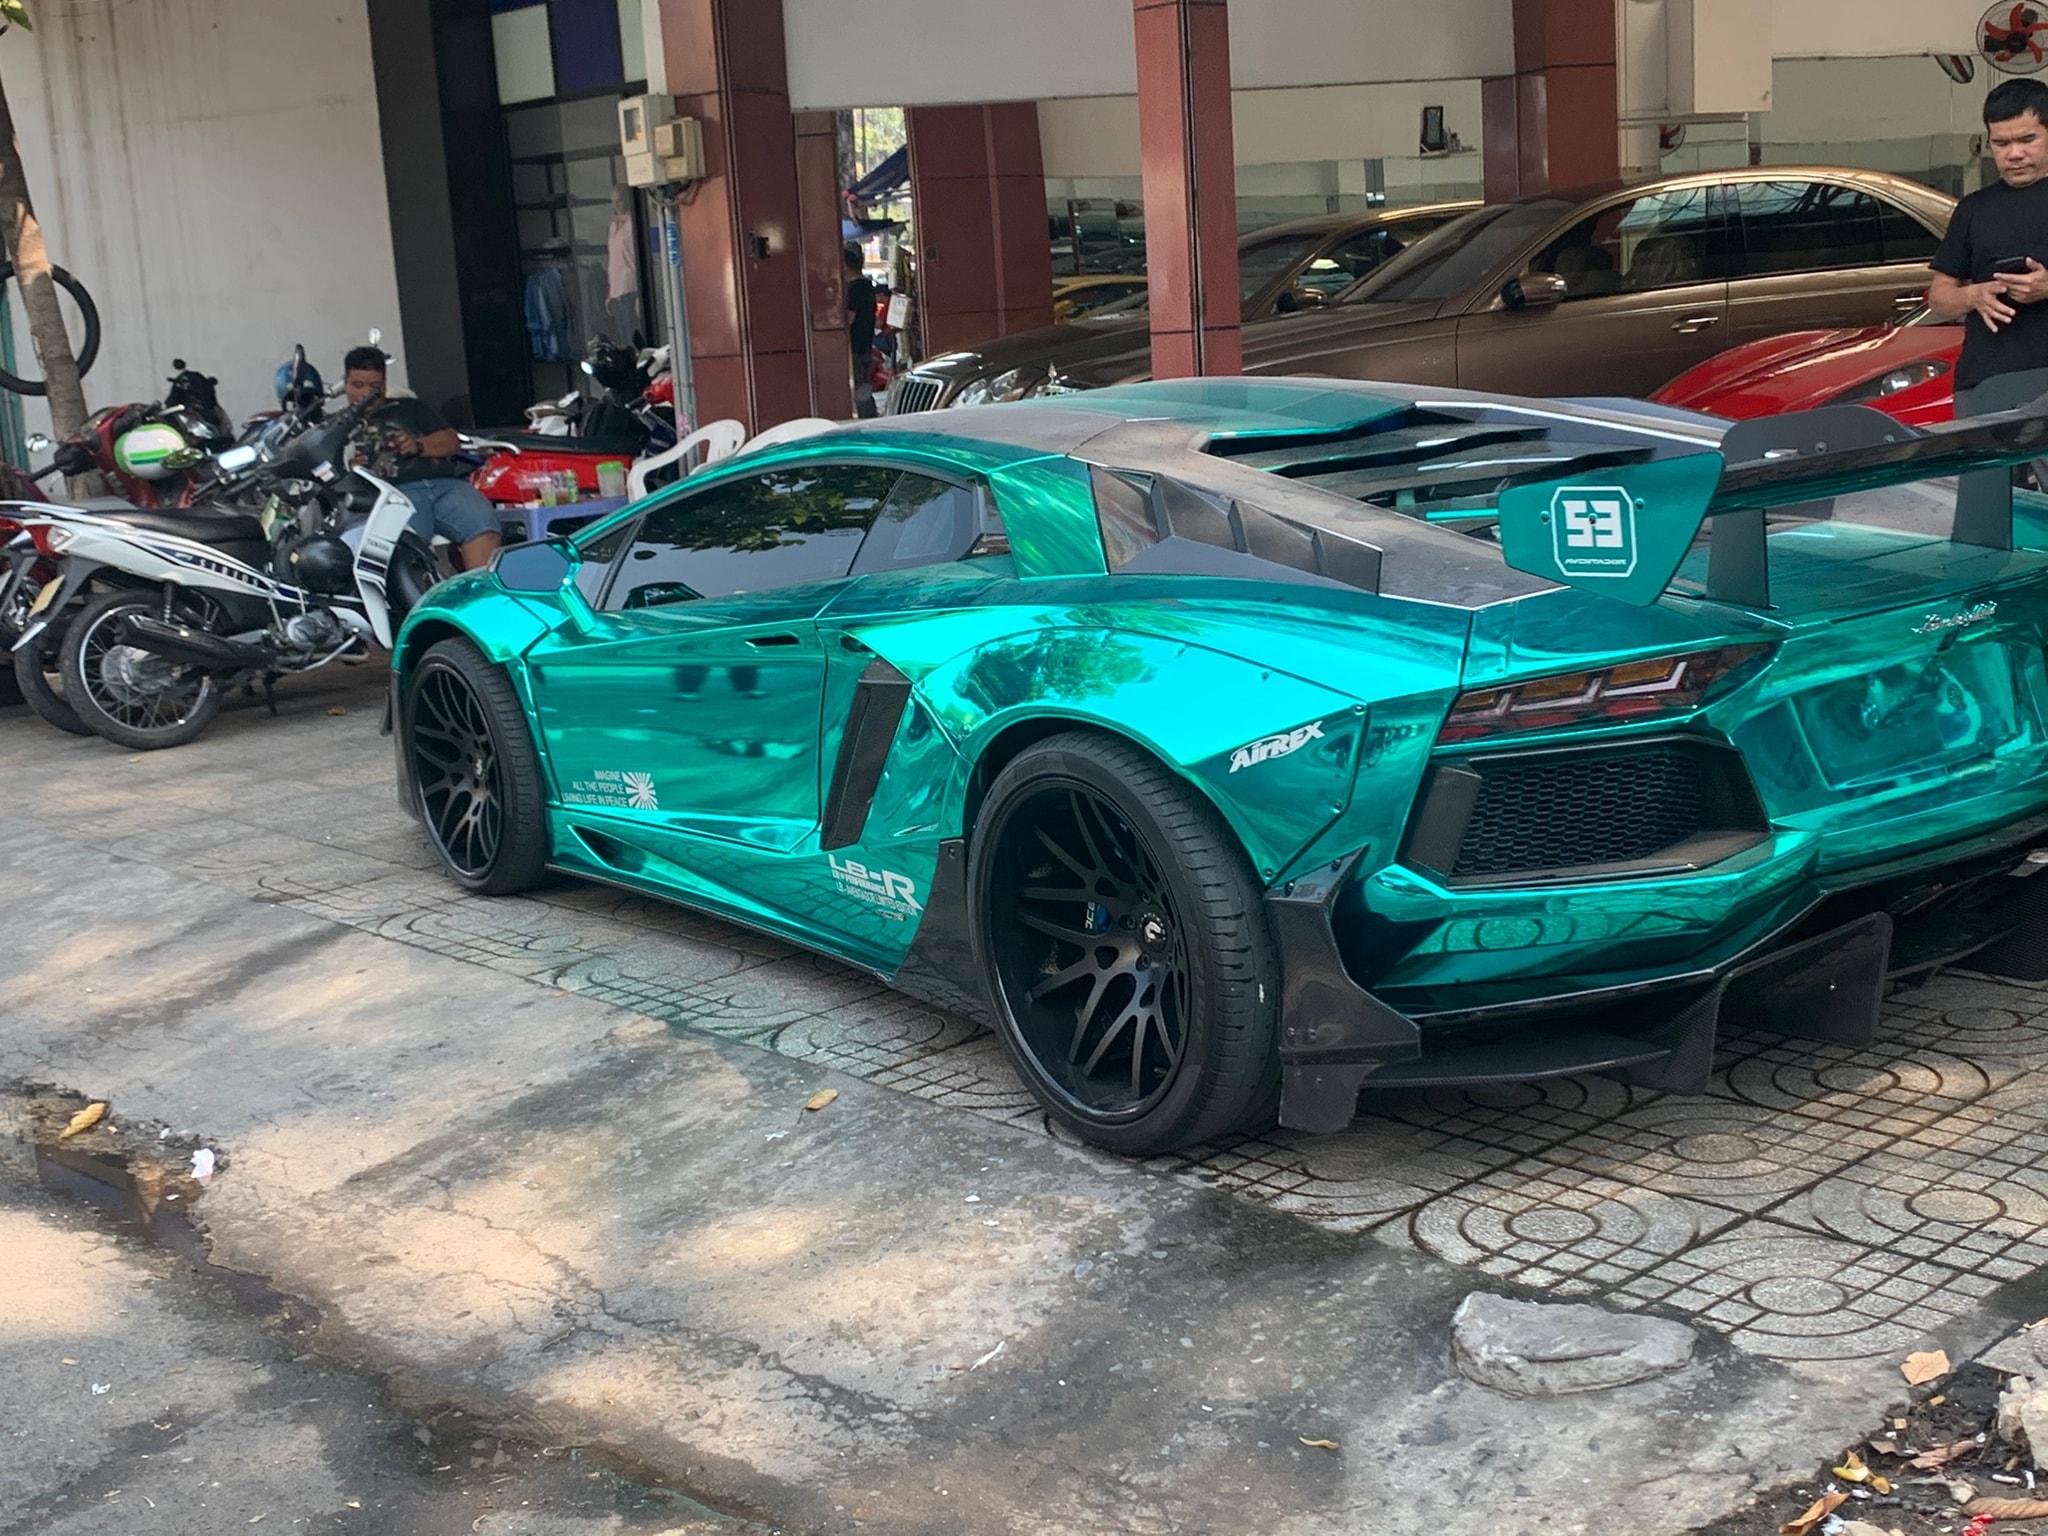 Lamborghini Aventador độ độc đáo với chrome xanh ở Sài Gòn gây chú ý giới chơi xe Việt Nam. Sau khi độ xe đang được bán ở Sài Gòn tại một showroom siêu xe độc đáo nhất.